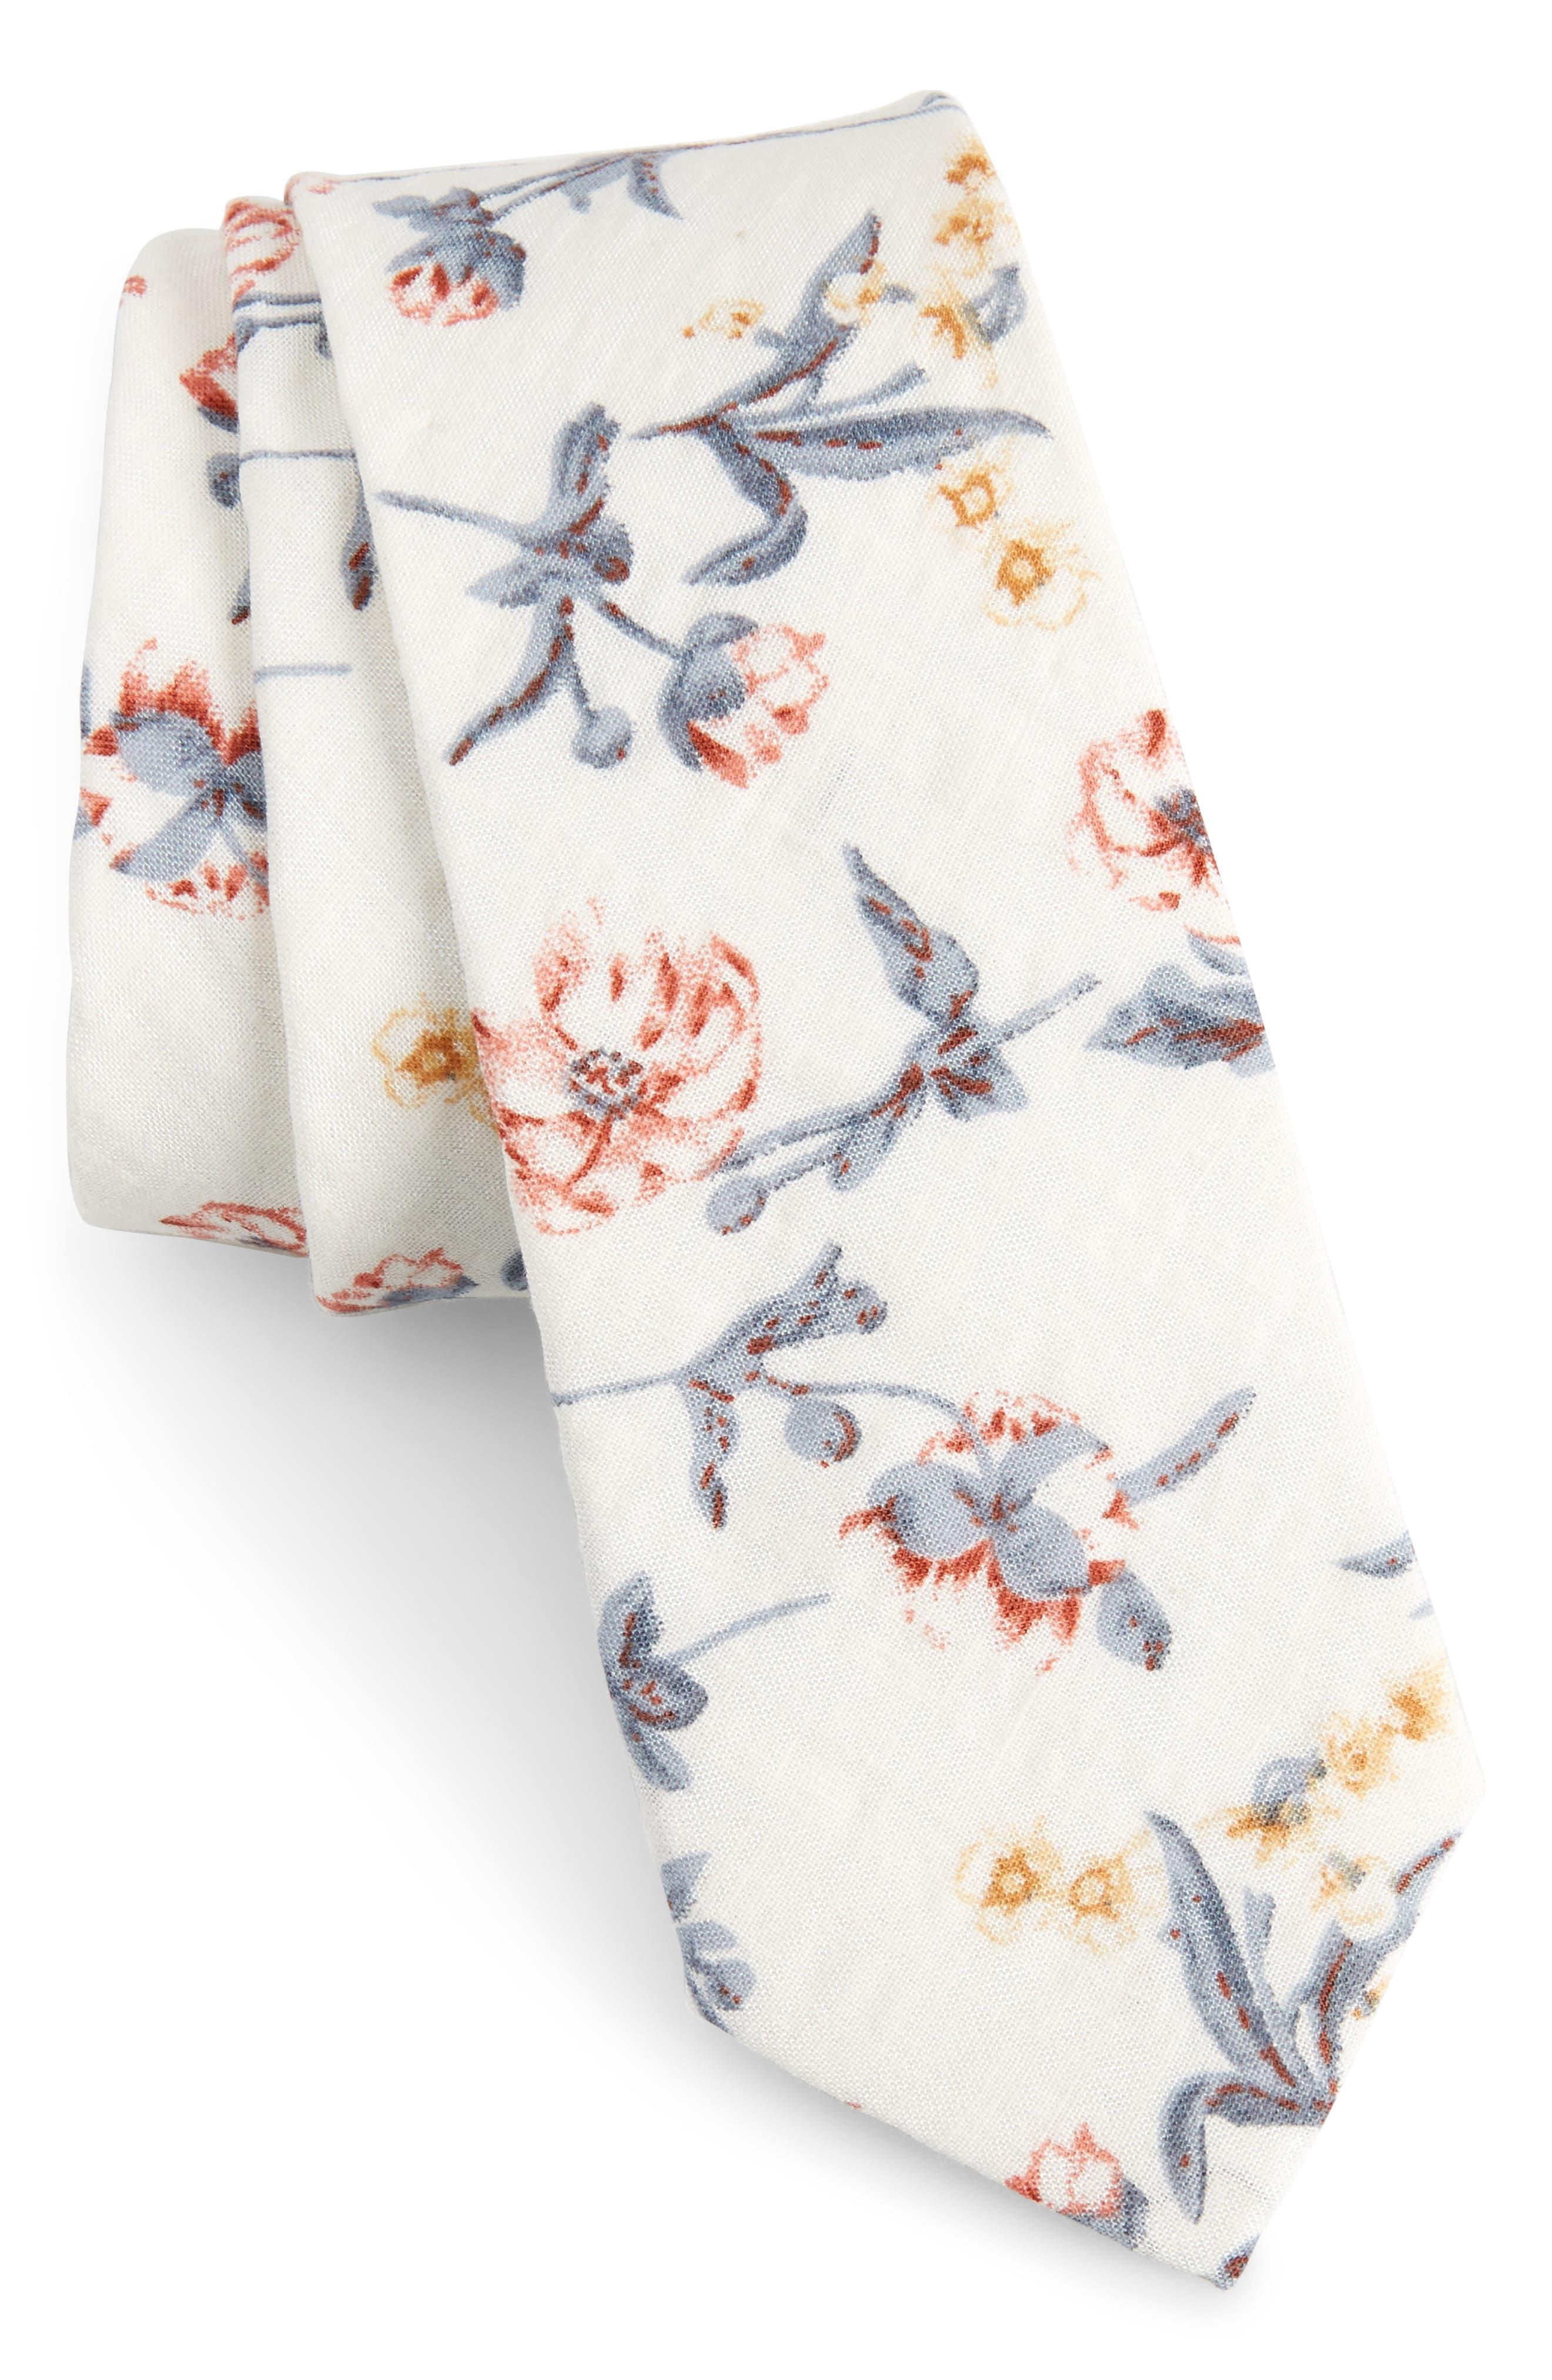 Nunley Floral Cotton Skinny Tie,                         Main,                         color, 100